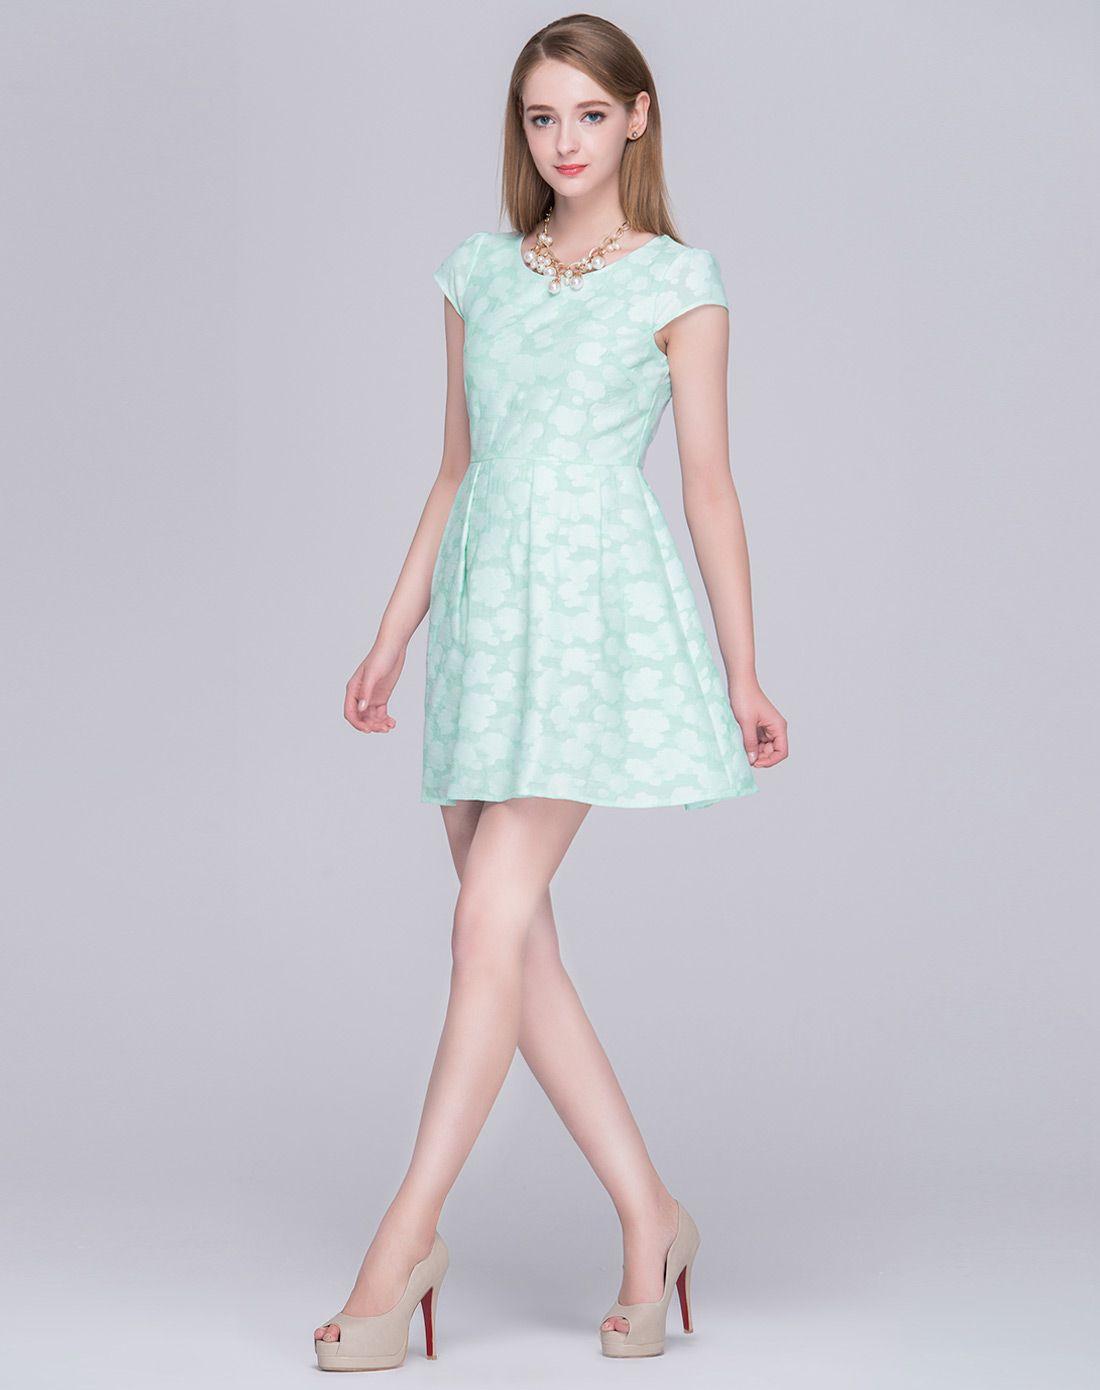 浅色可爱绣花云朵花纹连衣裙